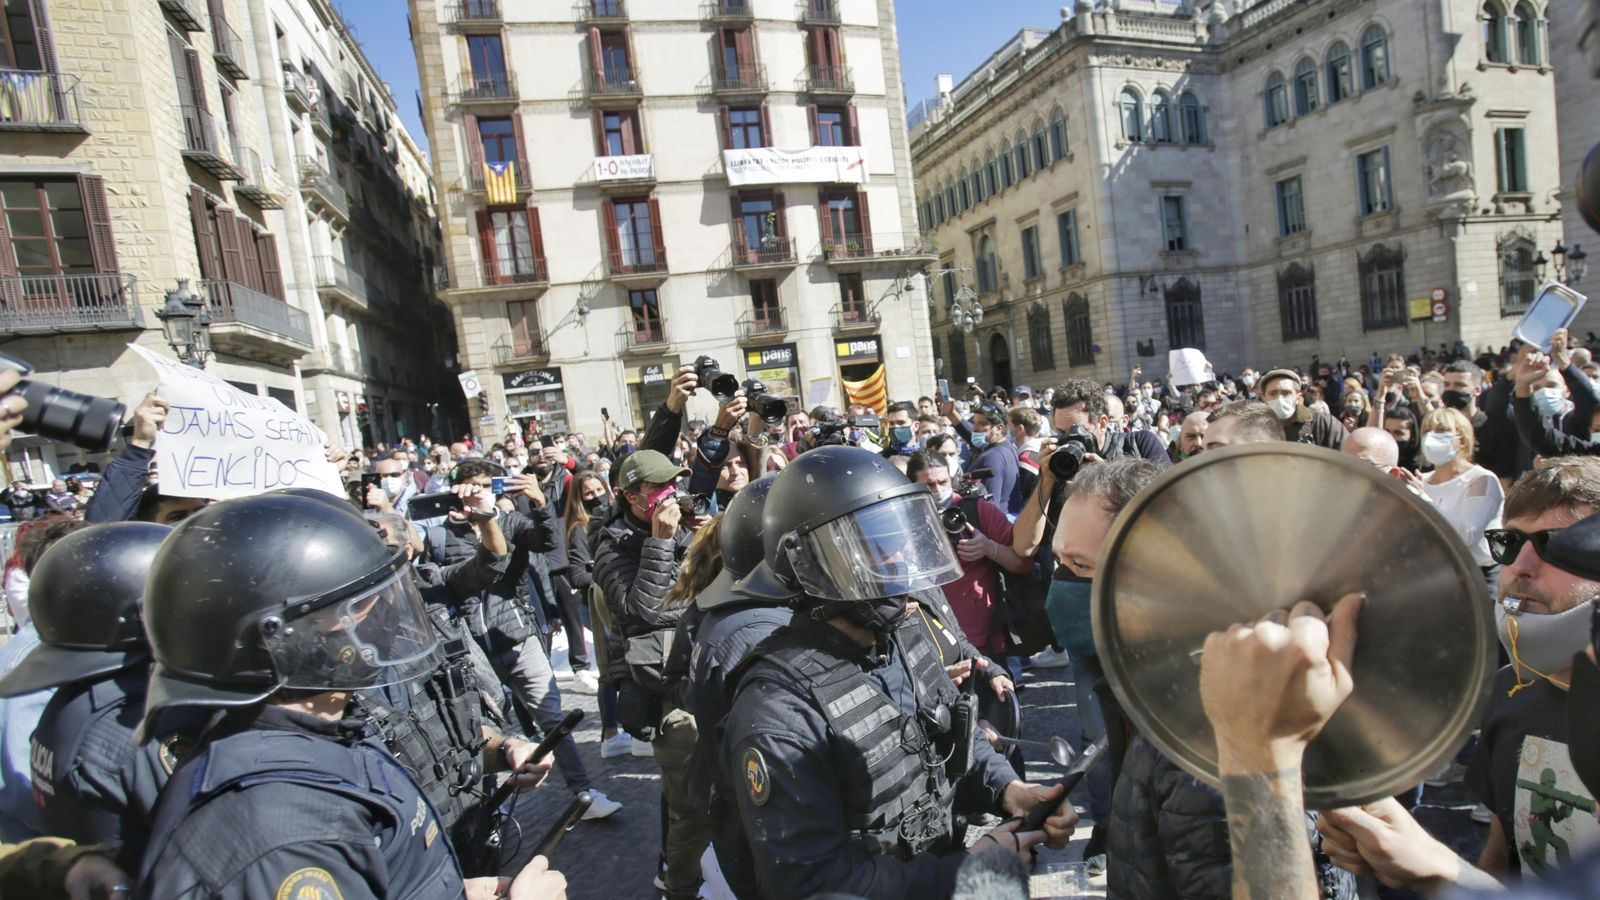 Els restauradors i els comerciants s'han manifestat a la plaça Sant Jaume per protestar contra el tancament de 15 dies